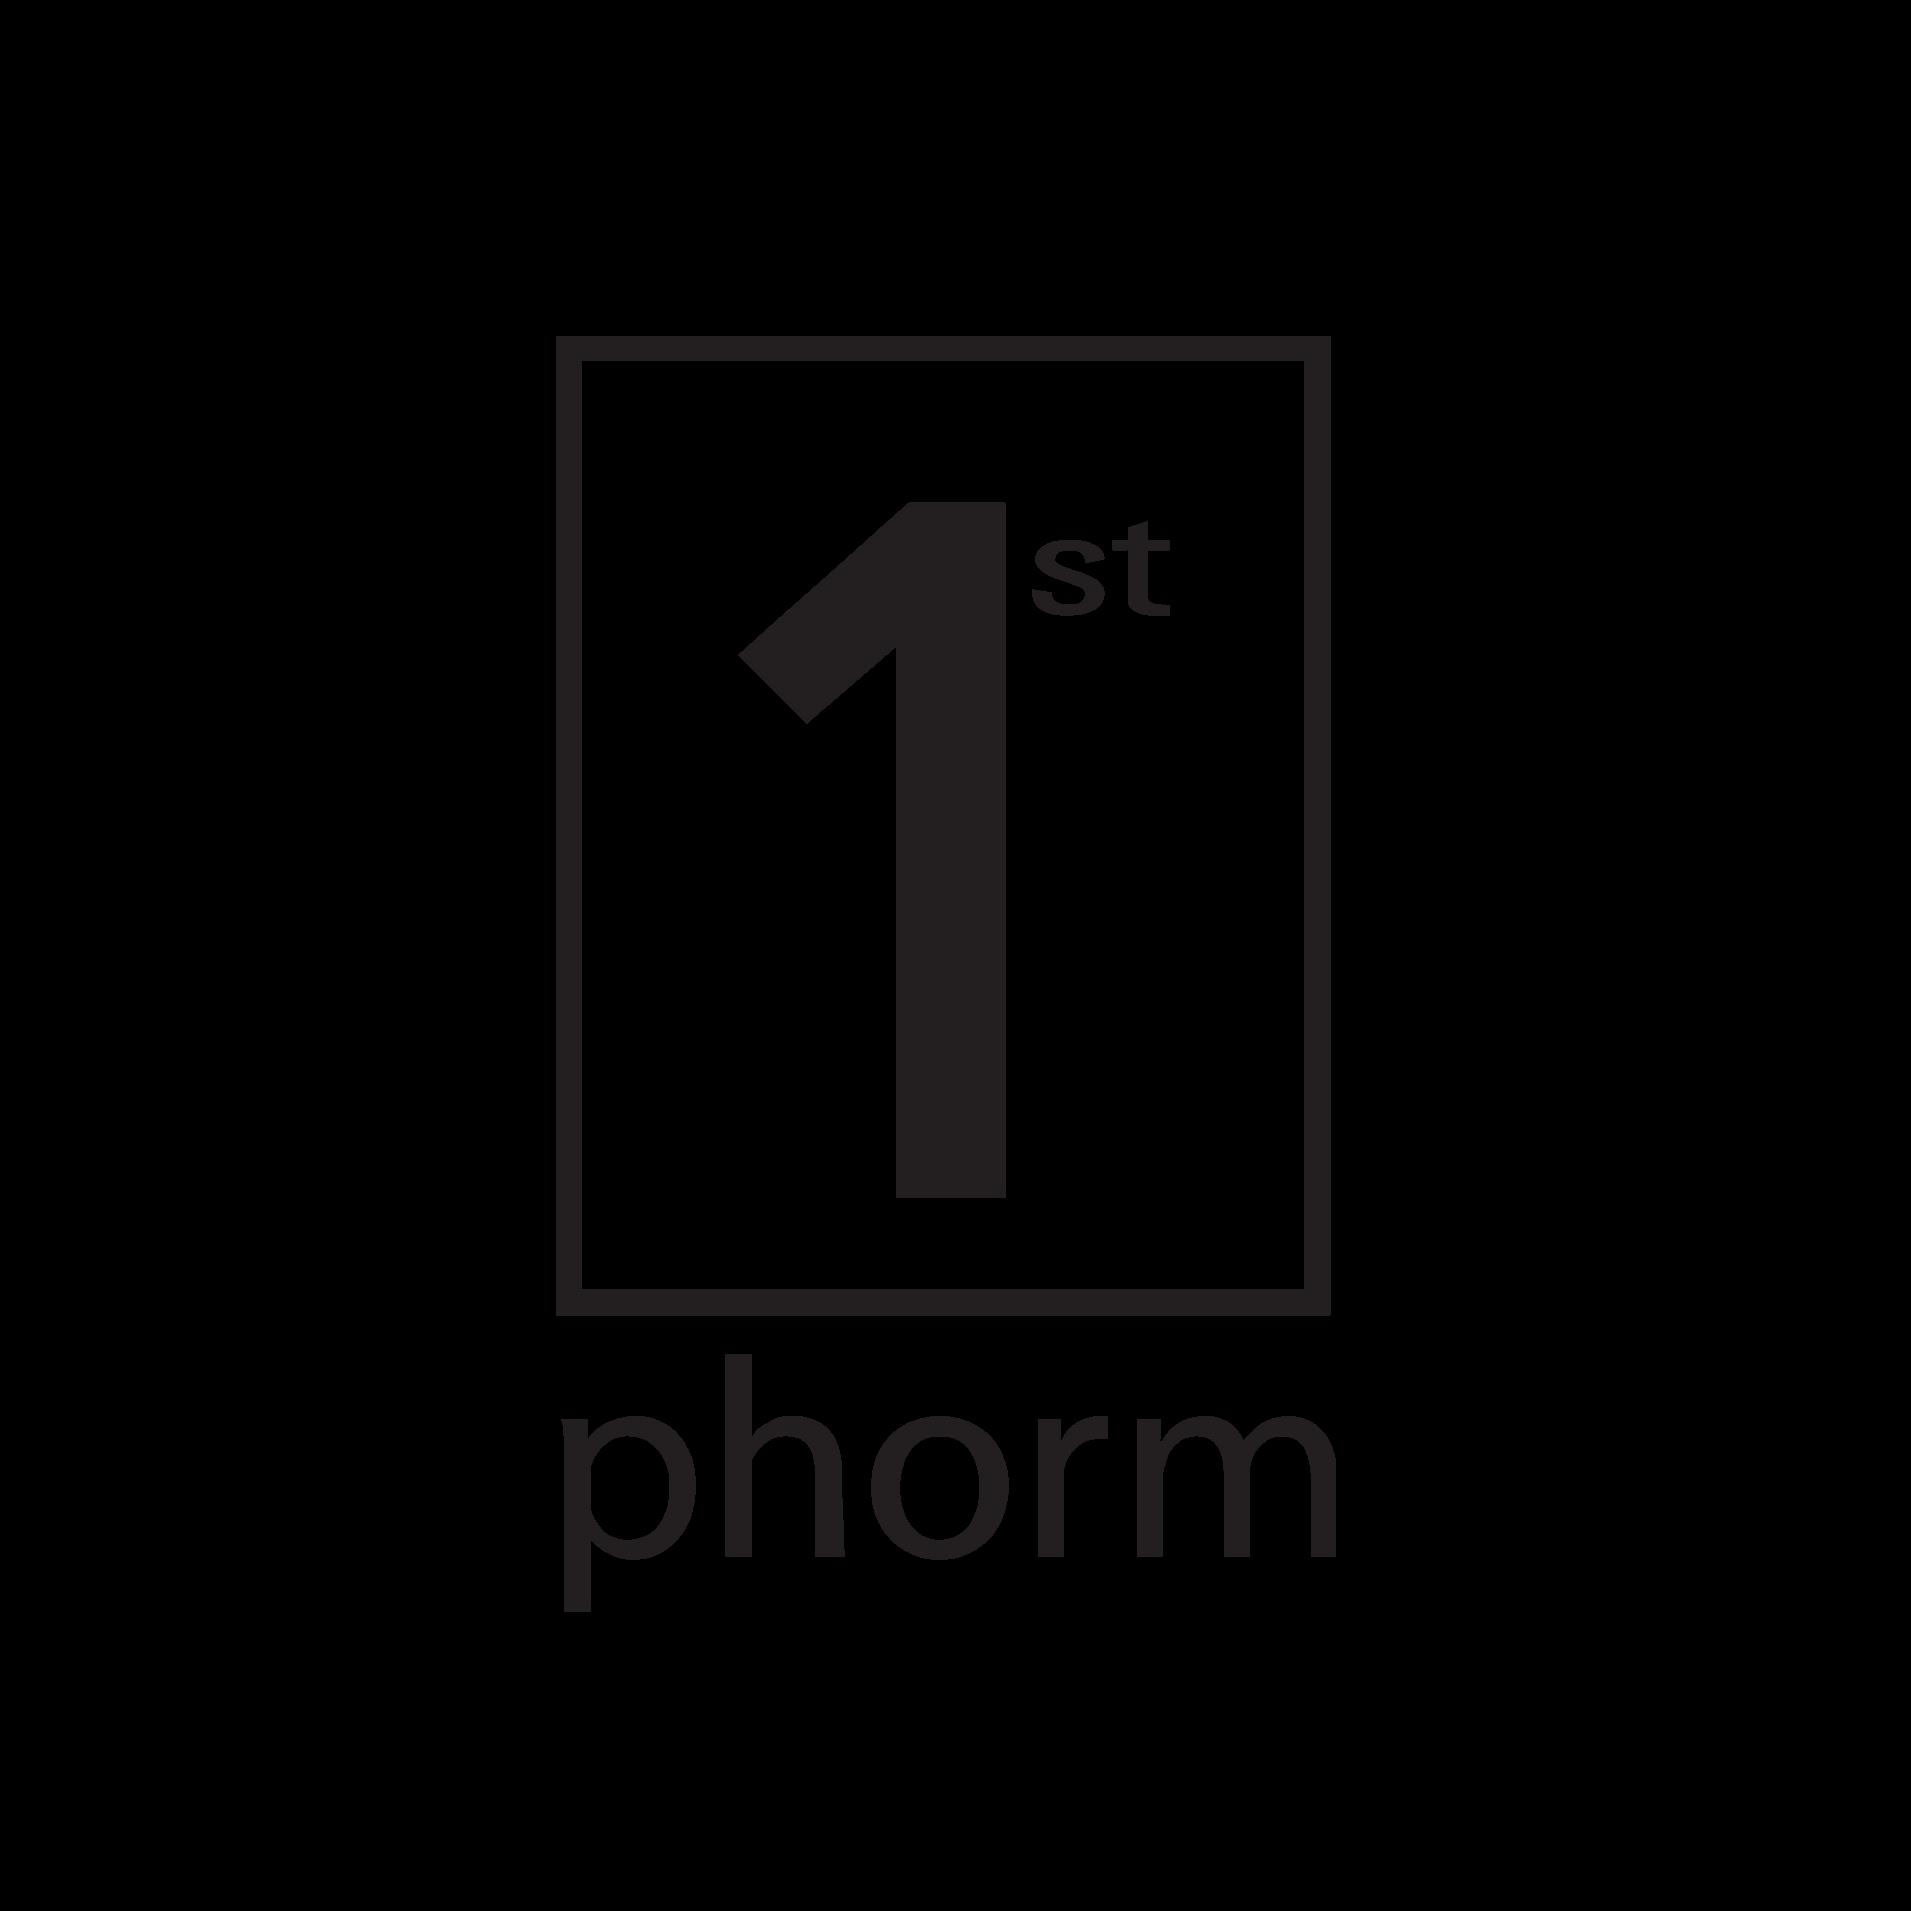 1p_logo_no_copy_1_.png